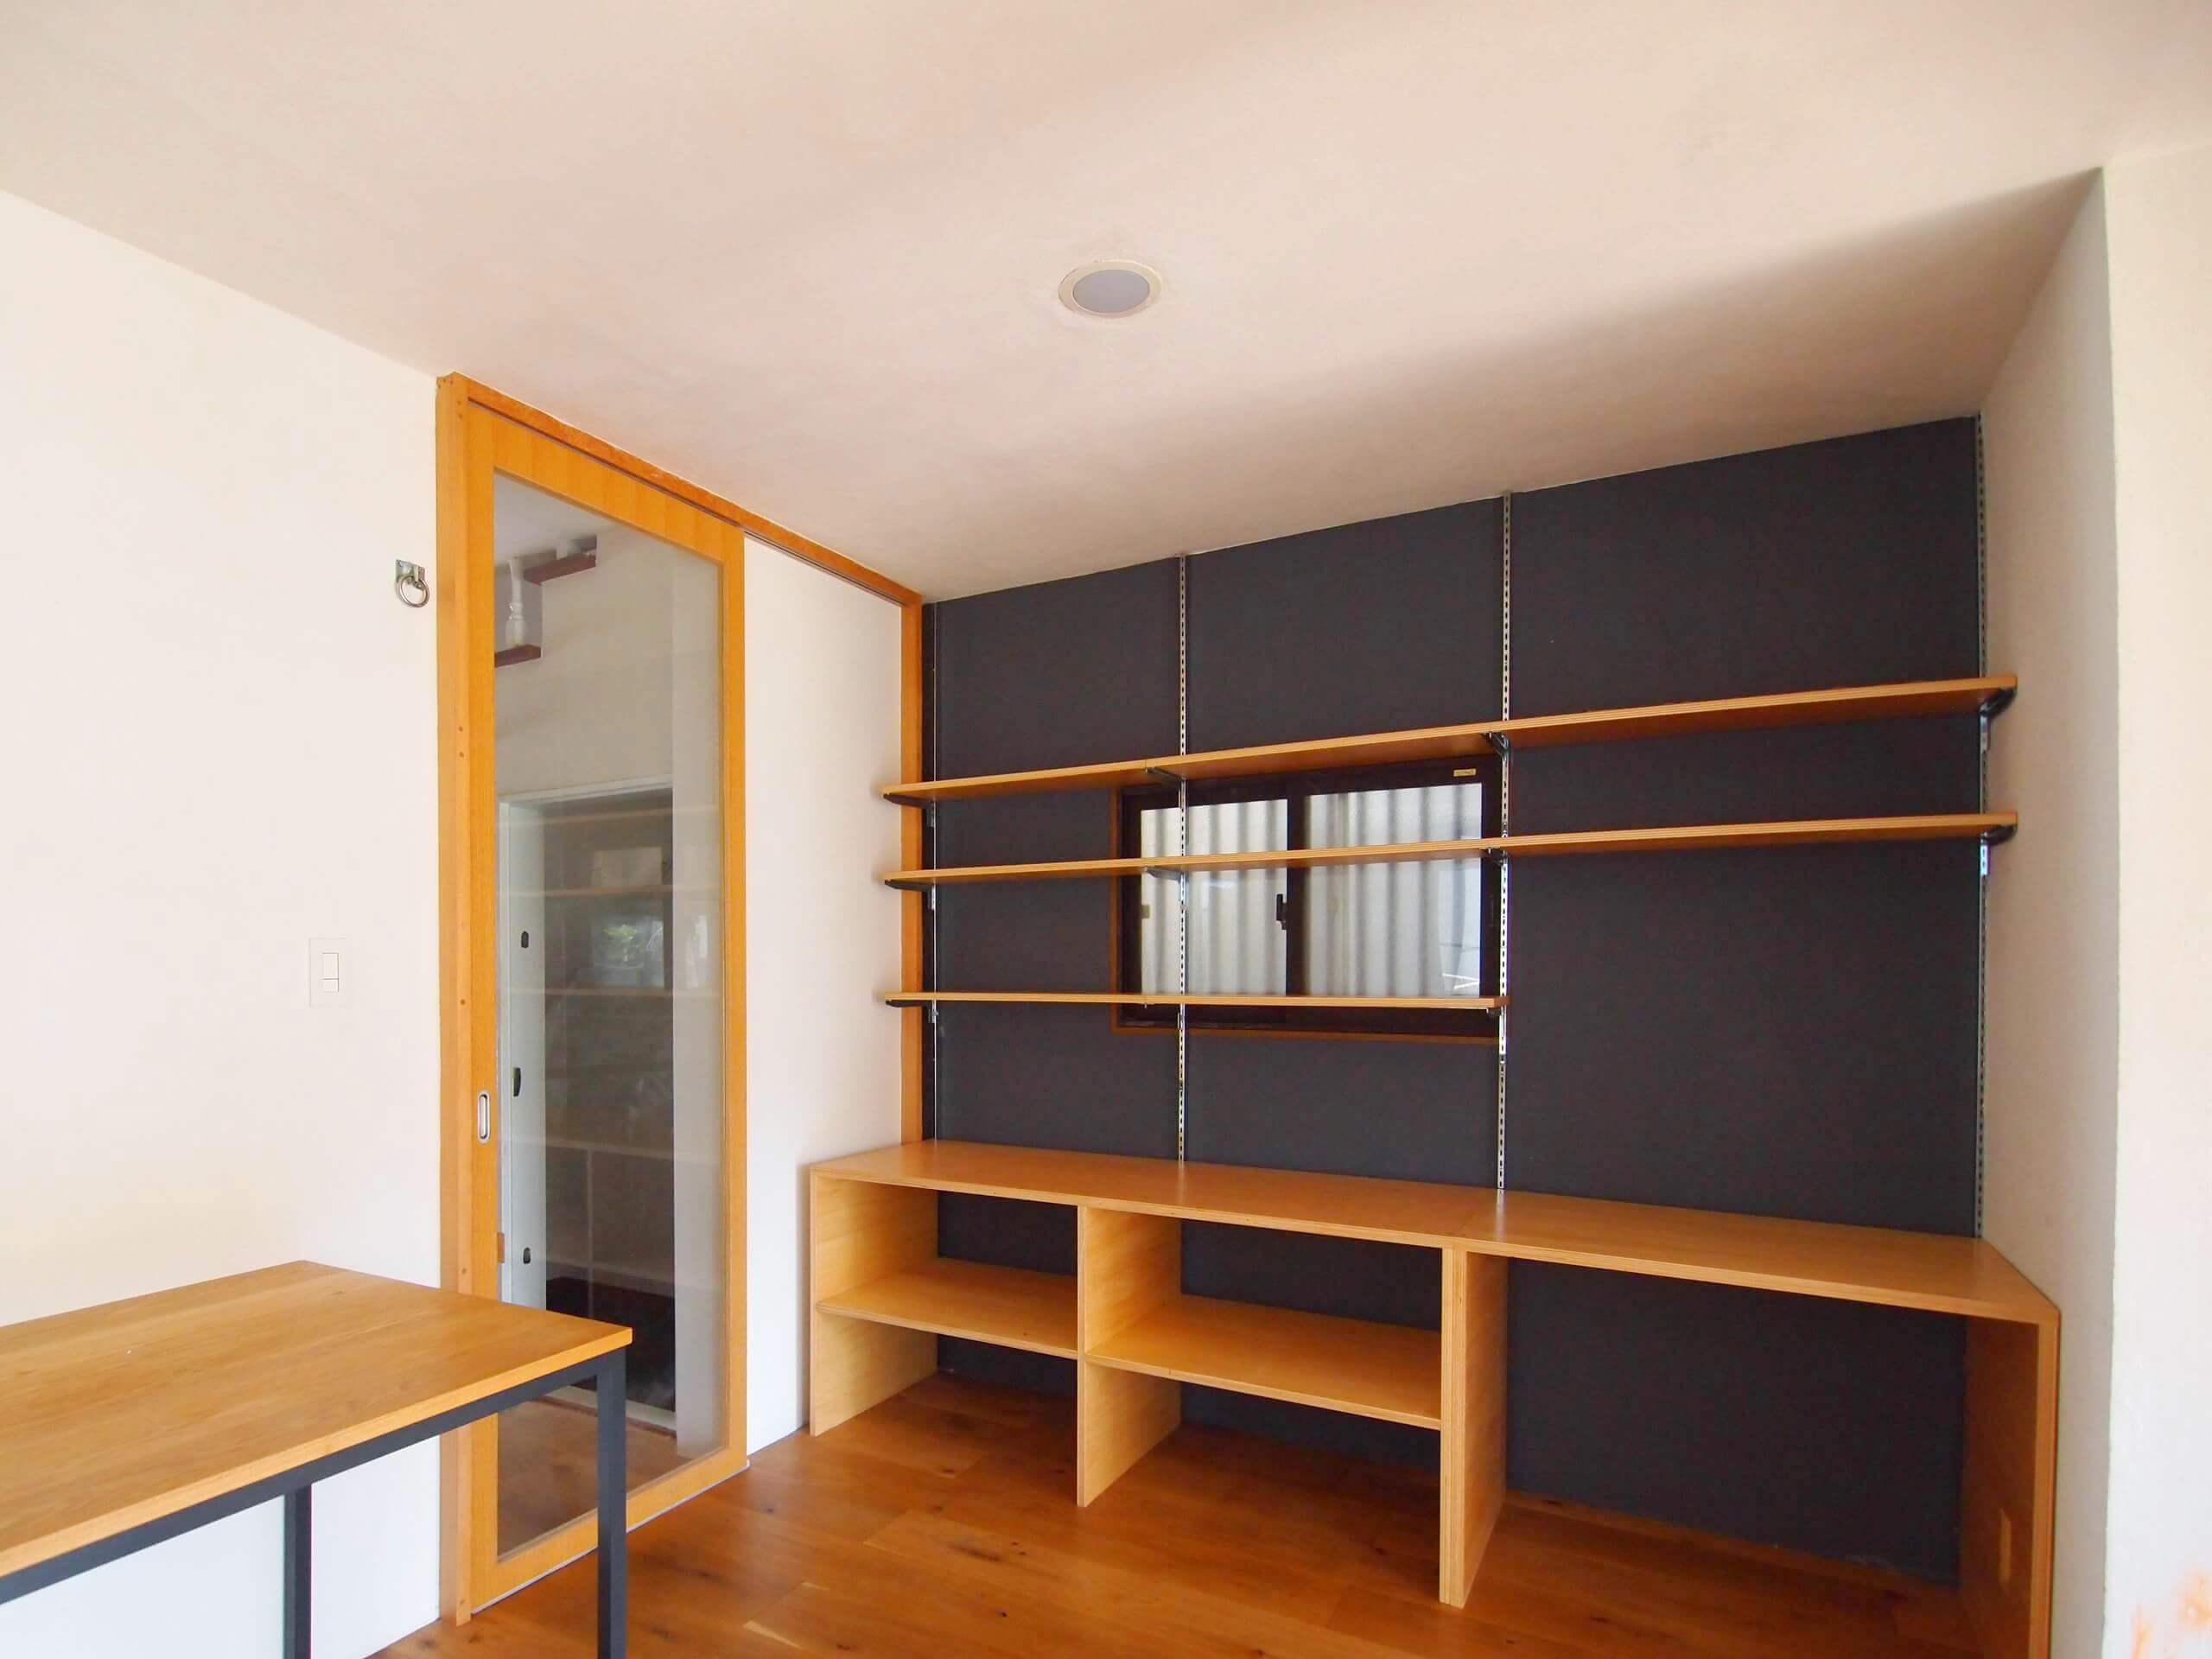 【リビング】廊下側に壁面棚が造作されている